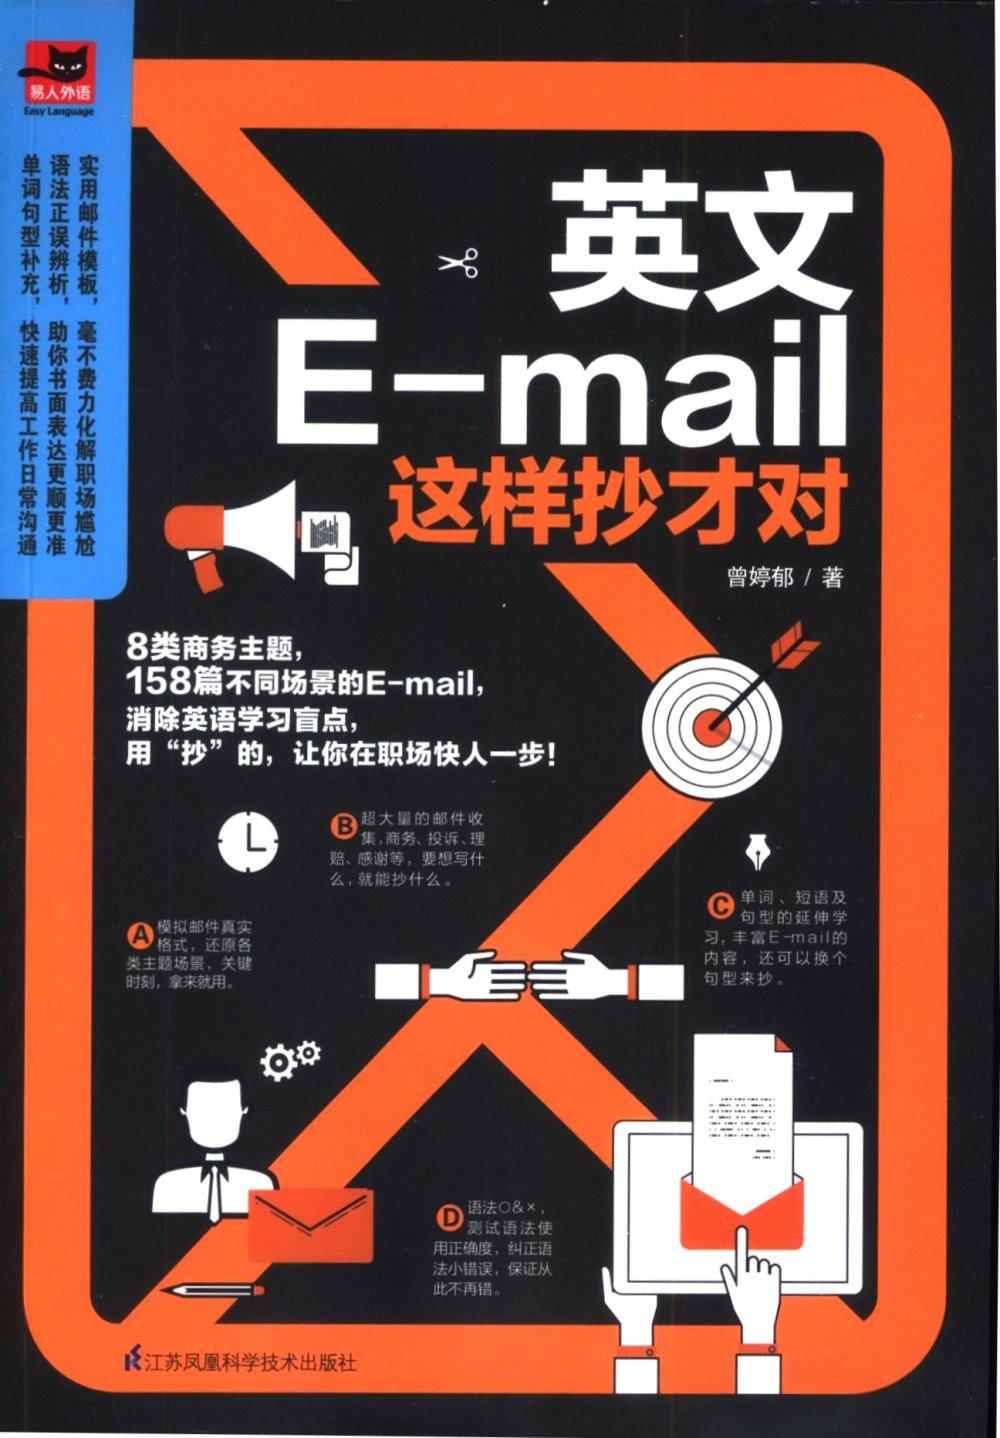 英文E-mail這樣抄才對